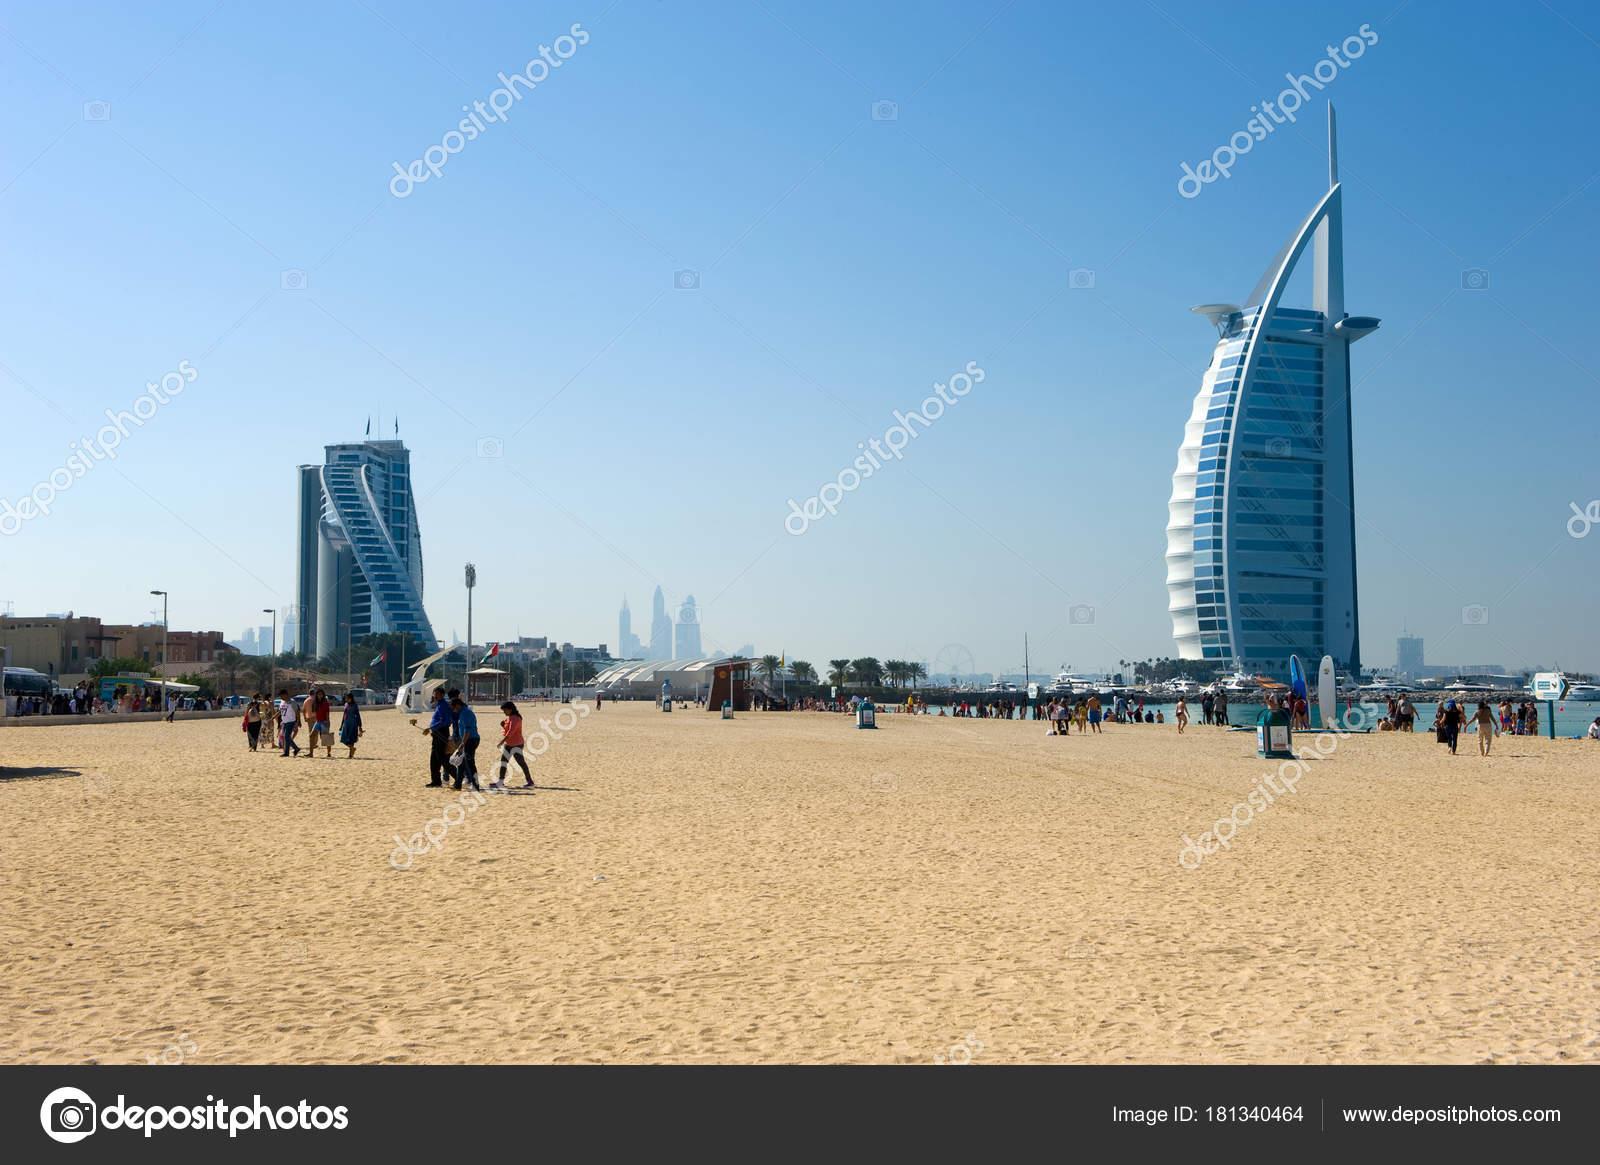 Сколько стоит путевка в Дубай на двоих - на 7/10 дней